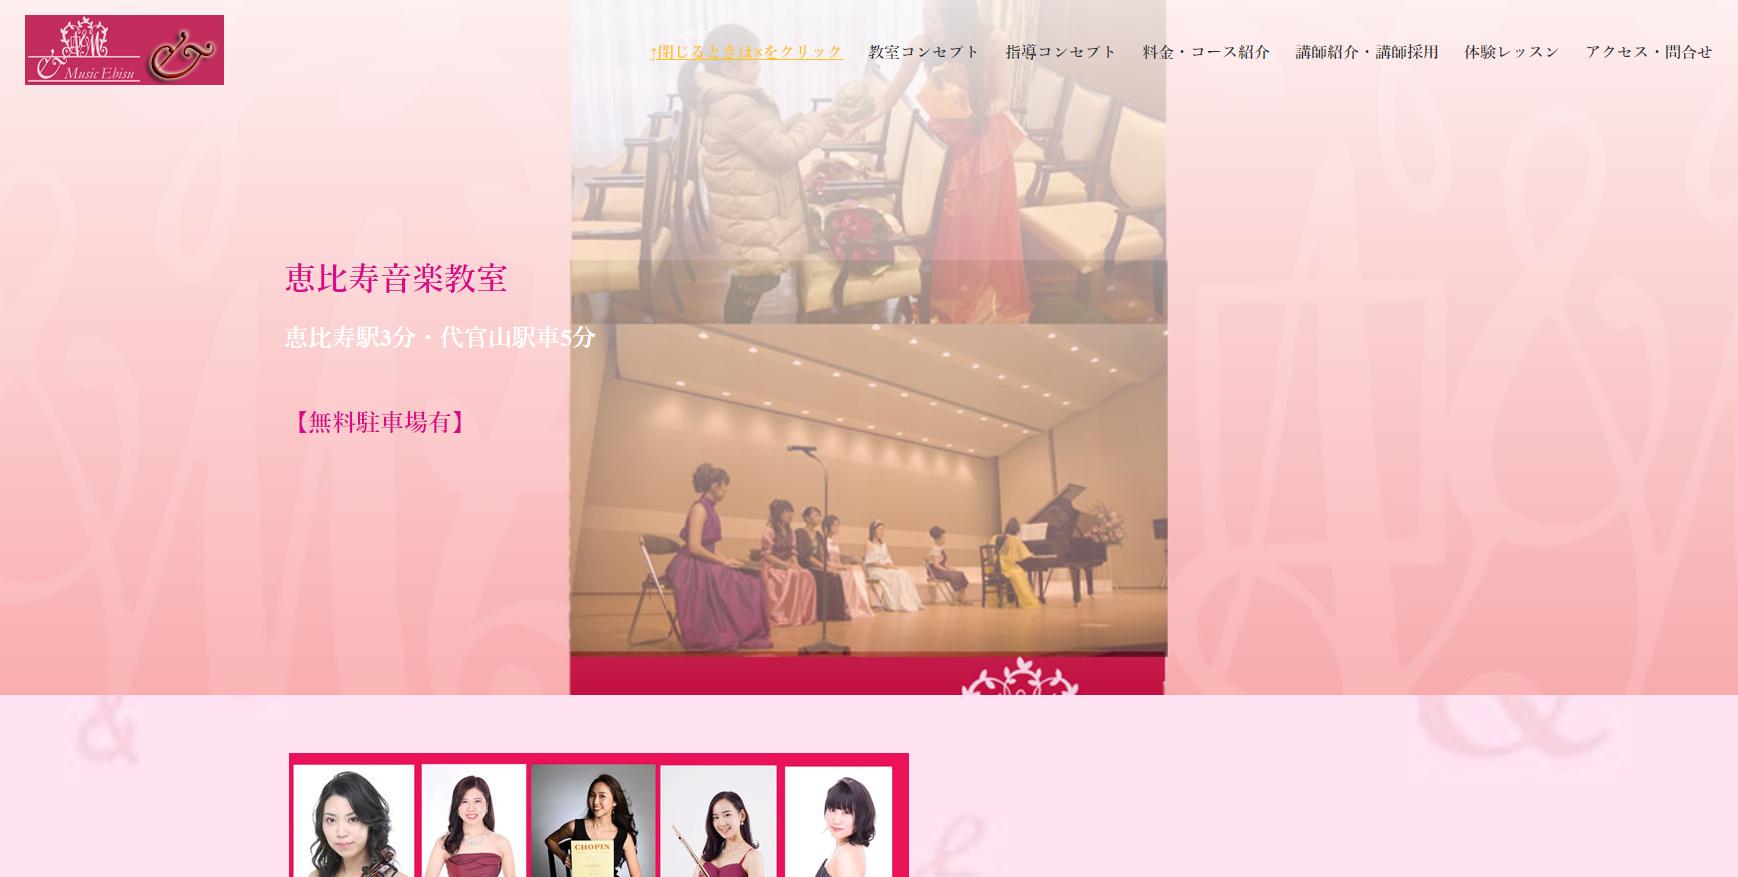 恵比寿音楽教室のサムネイル